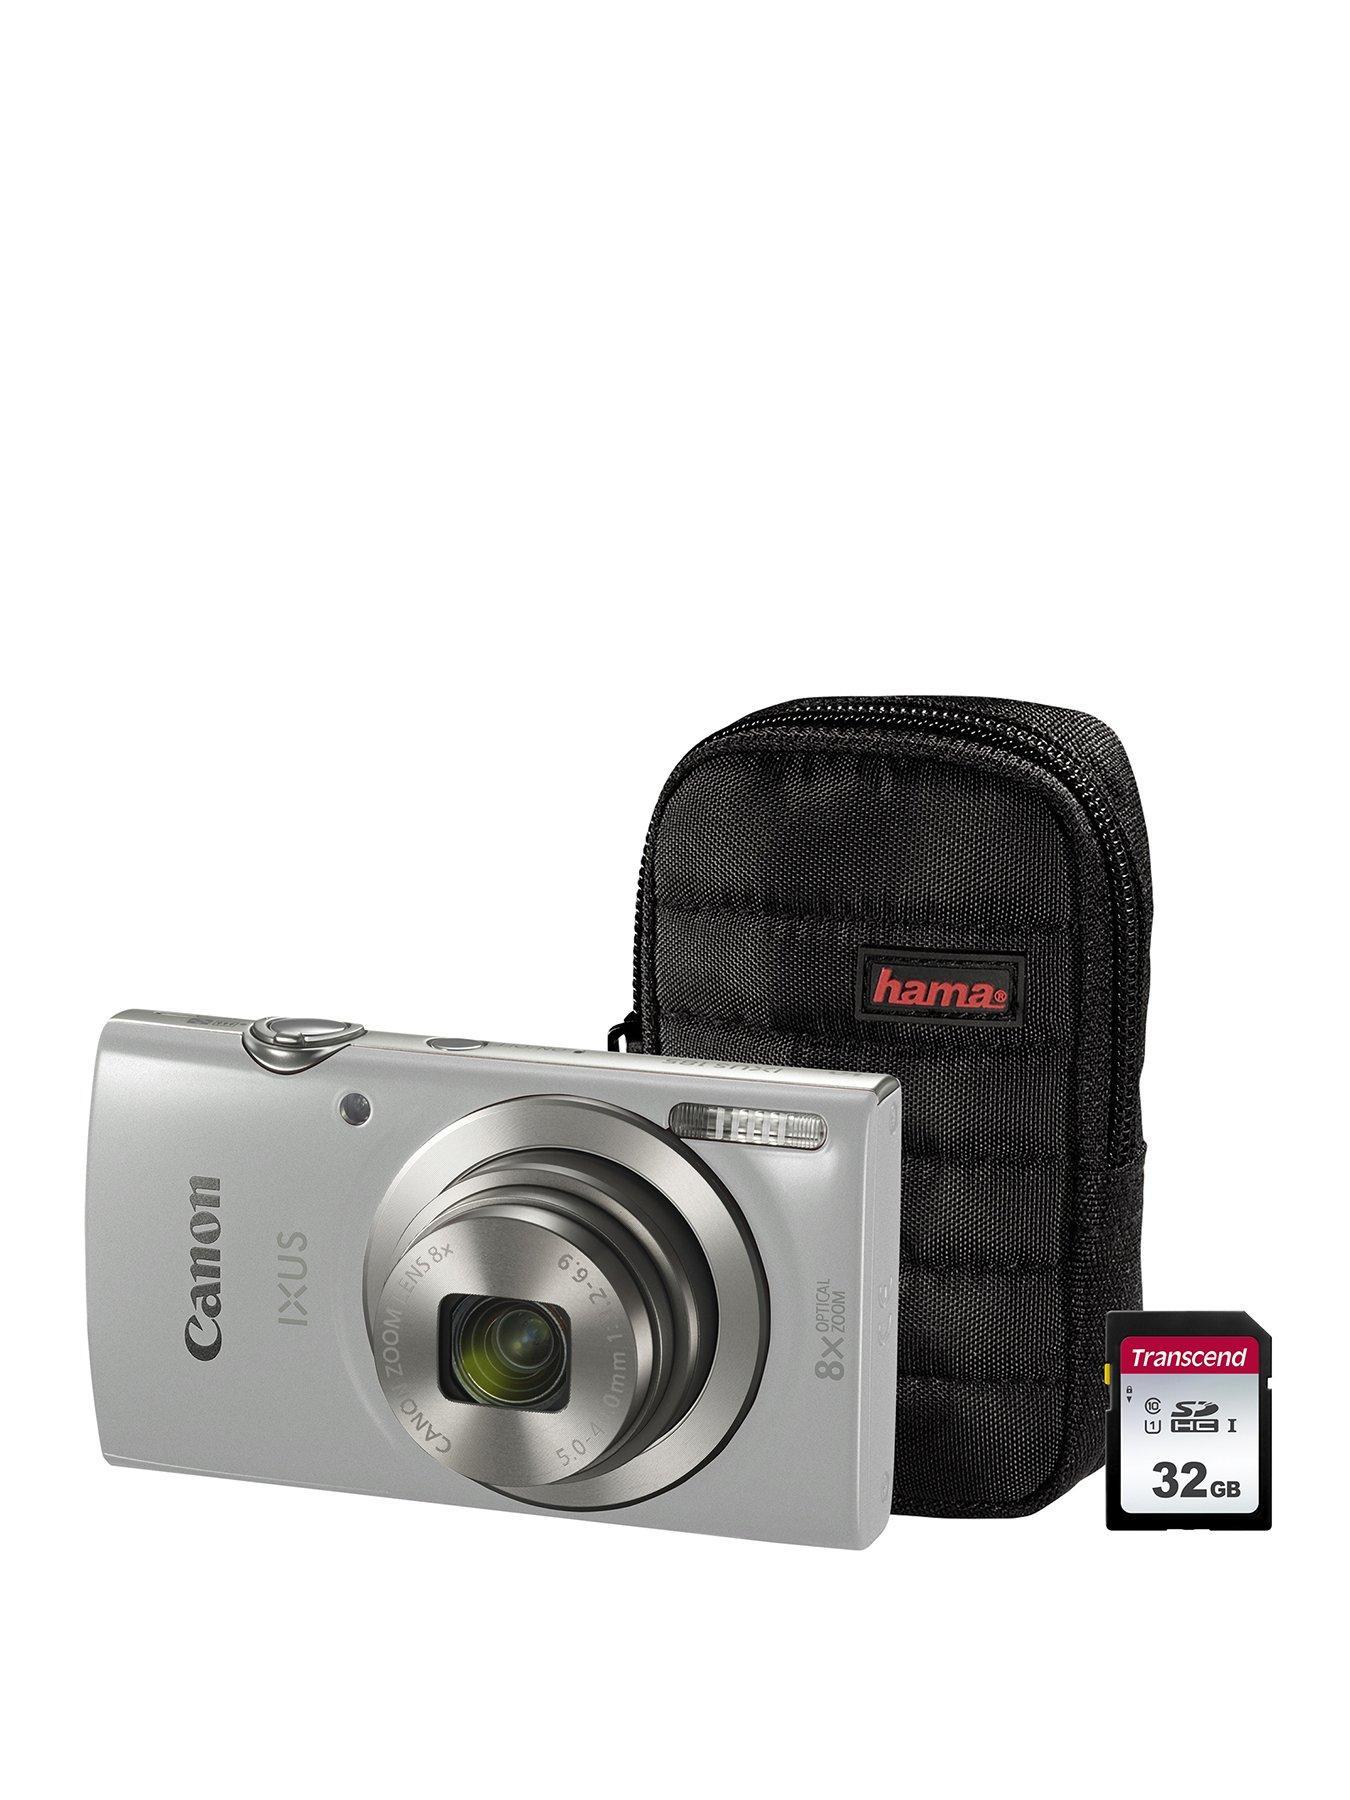 32GB Memory Card for Canon IXY 210F